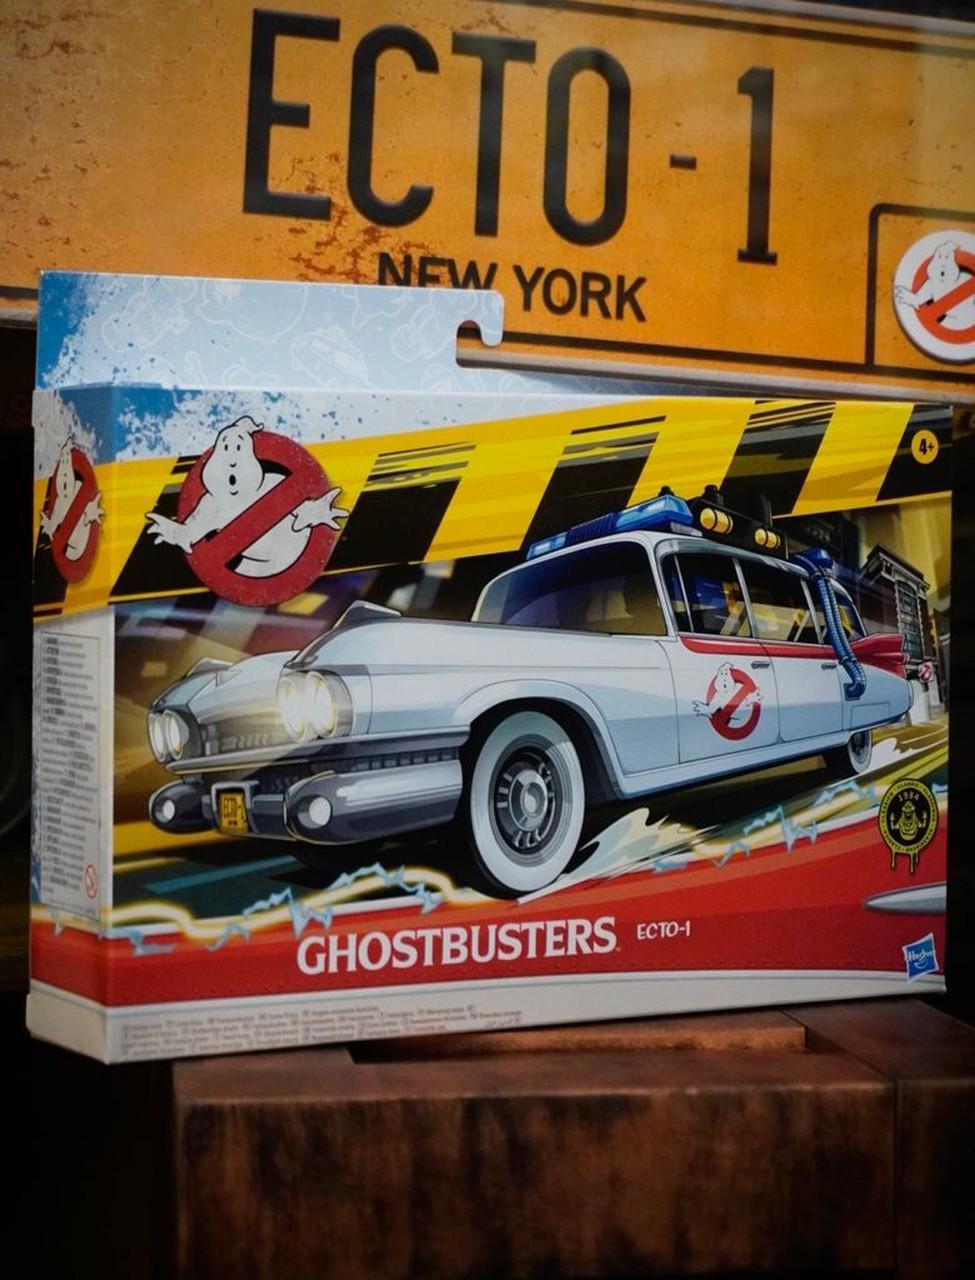 Brinquedo Carrinho Ecto-1 Os Caça Fantasmas Ghostbusters E9560 - Hasbro